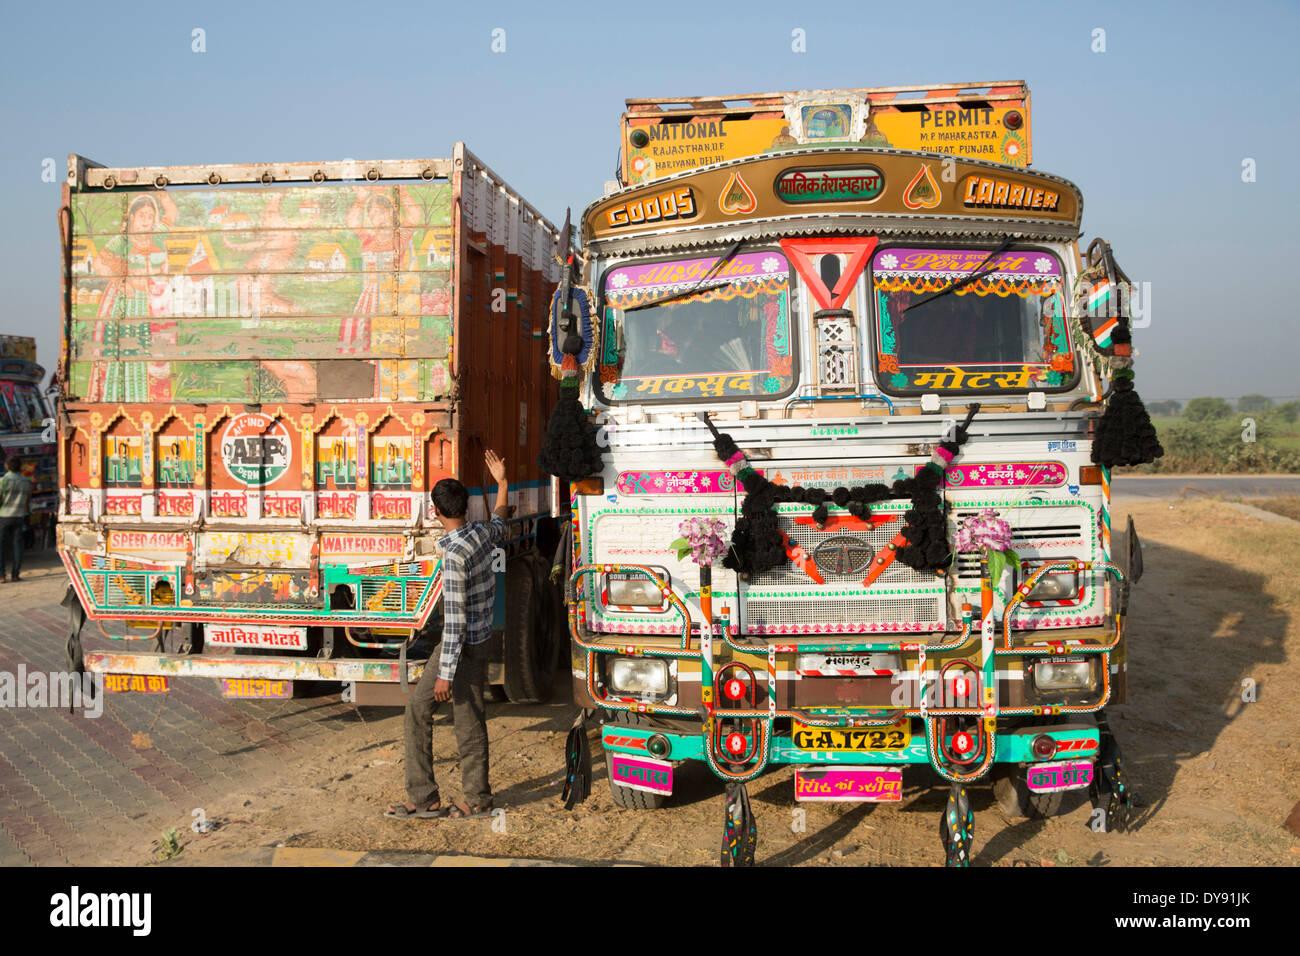 Les camions, indien, l'Asie, l'Inde, trafic, transport, coloré, lumineux, Photo Stock